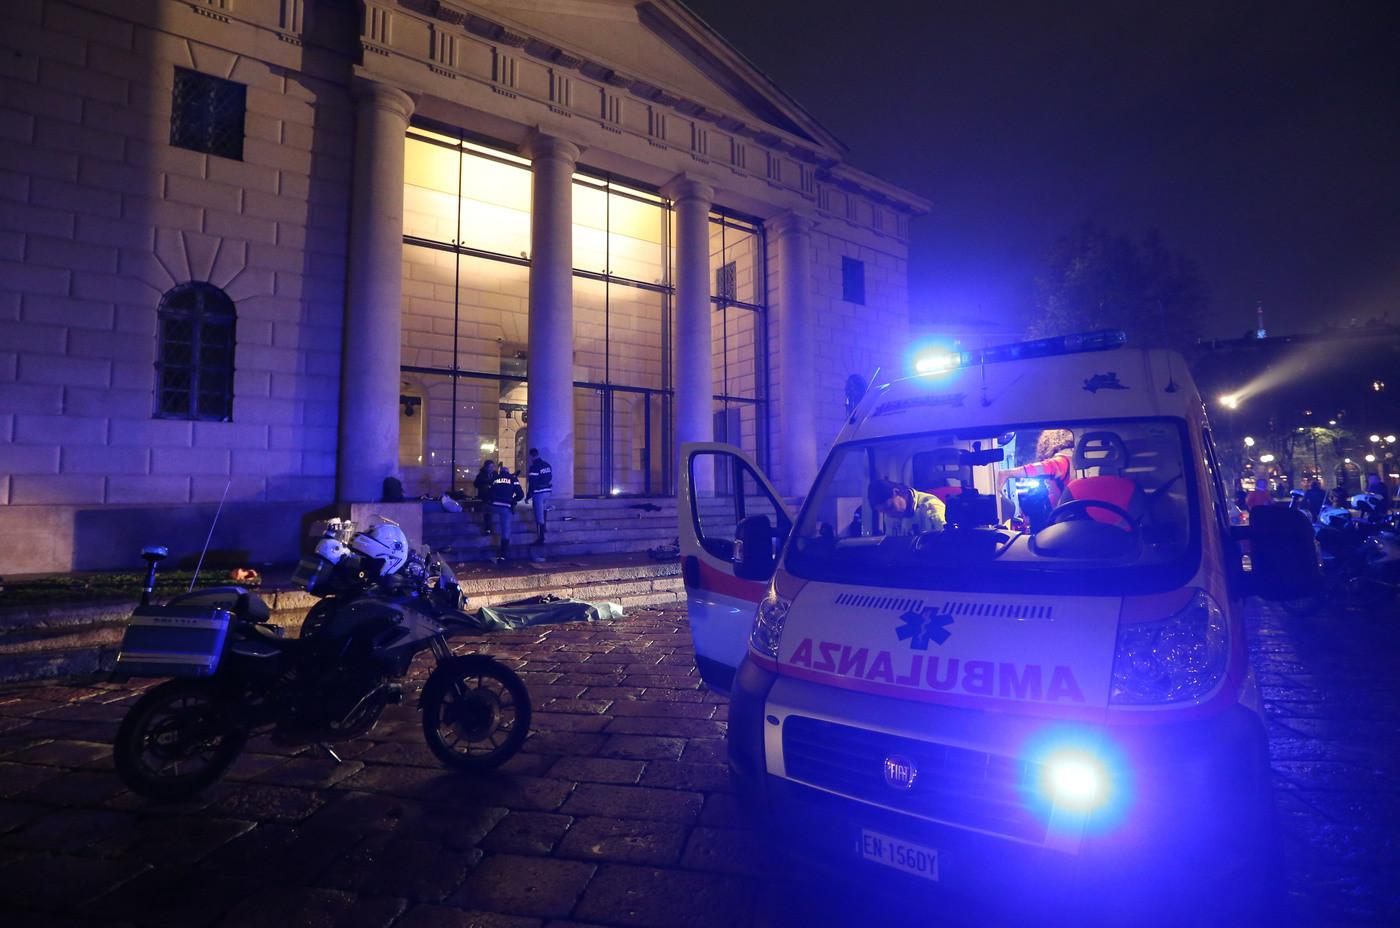 Dramma ad Aosta: infermiera uccide i figli di 7 e 9 anni con una iniezione letale, poi si suicida